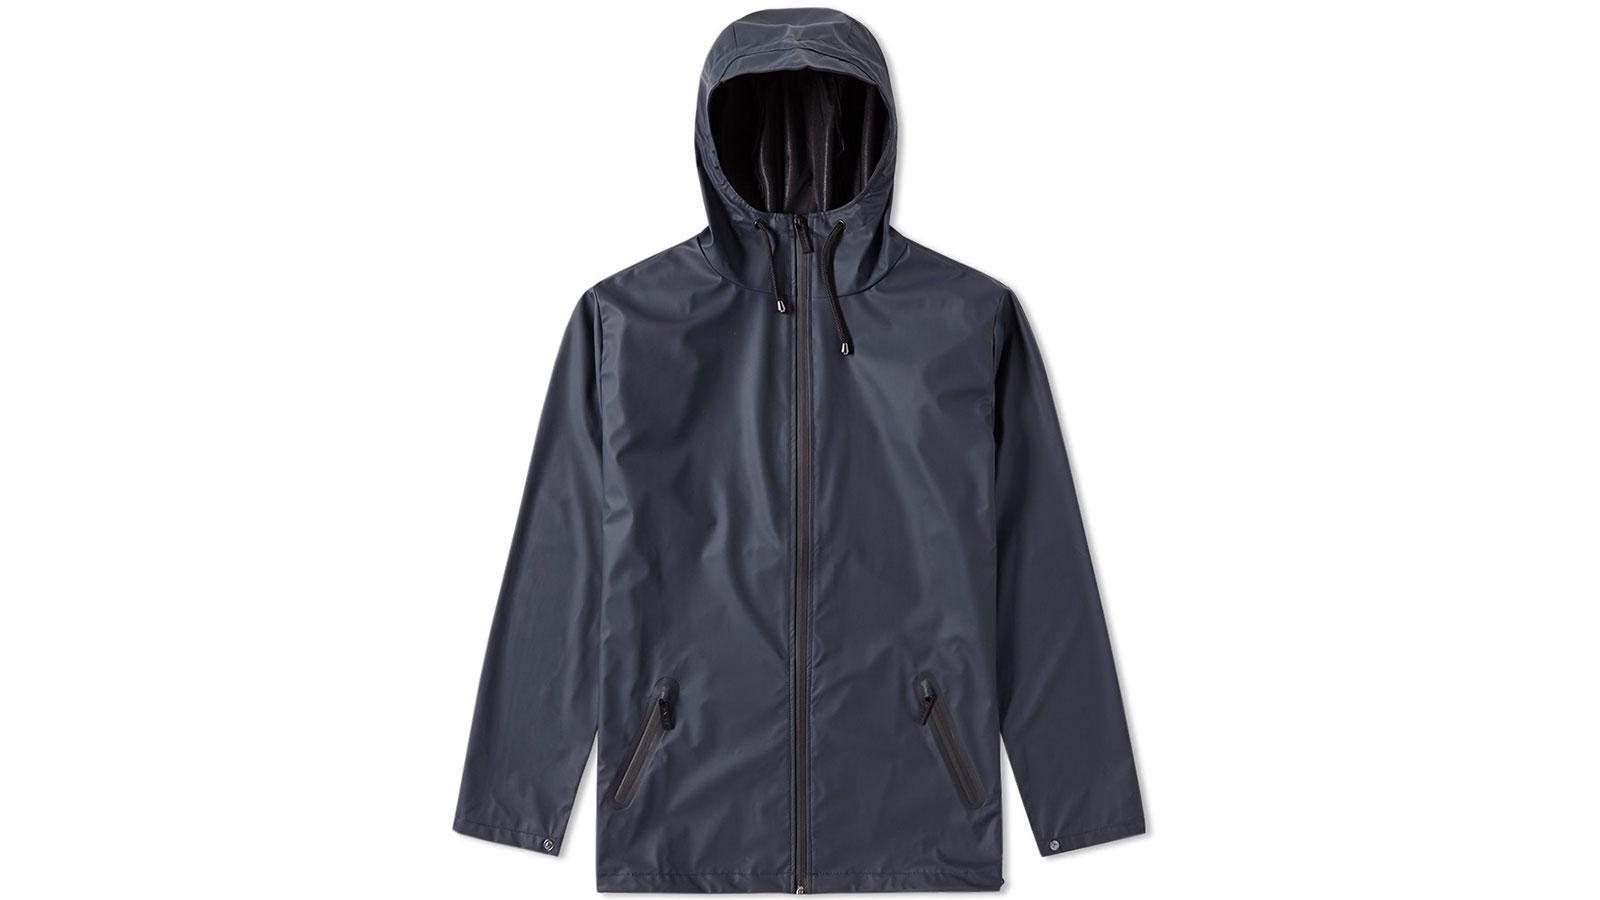 Rains Men's Windbreaker Jacket   the best men's windbreakr jackets